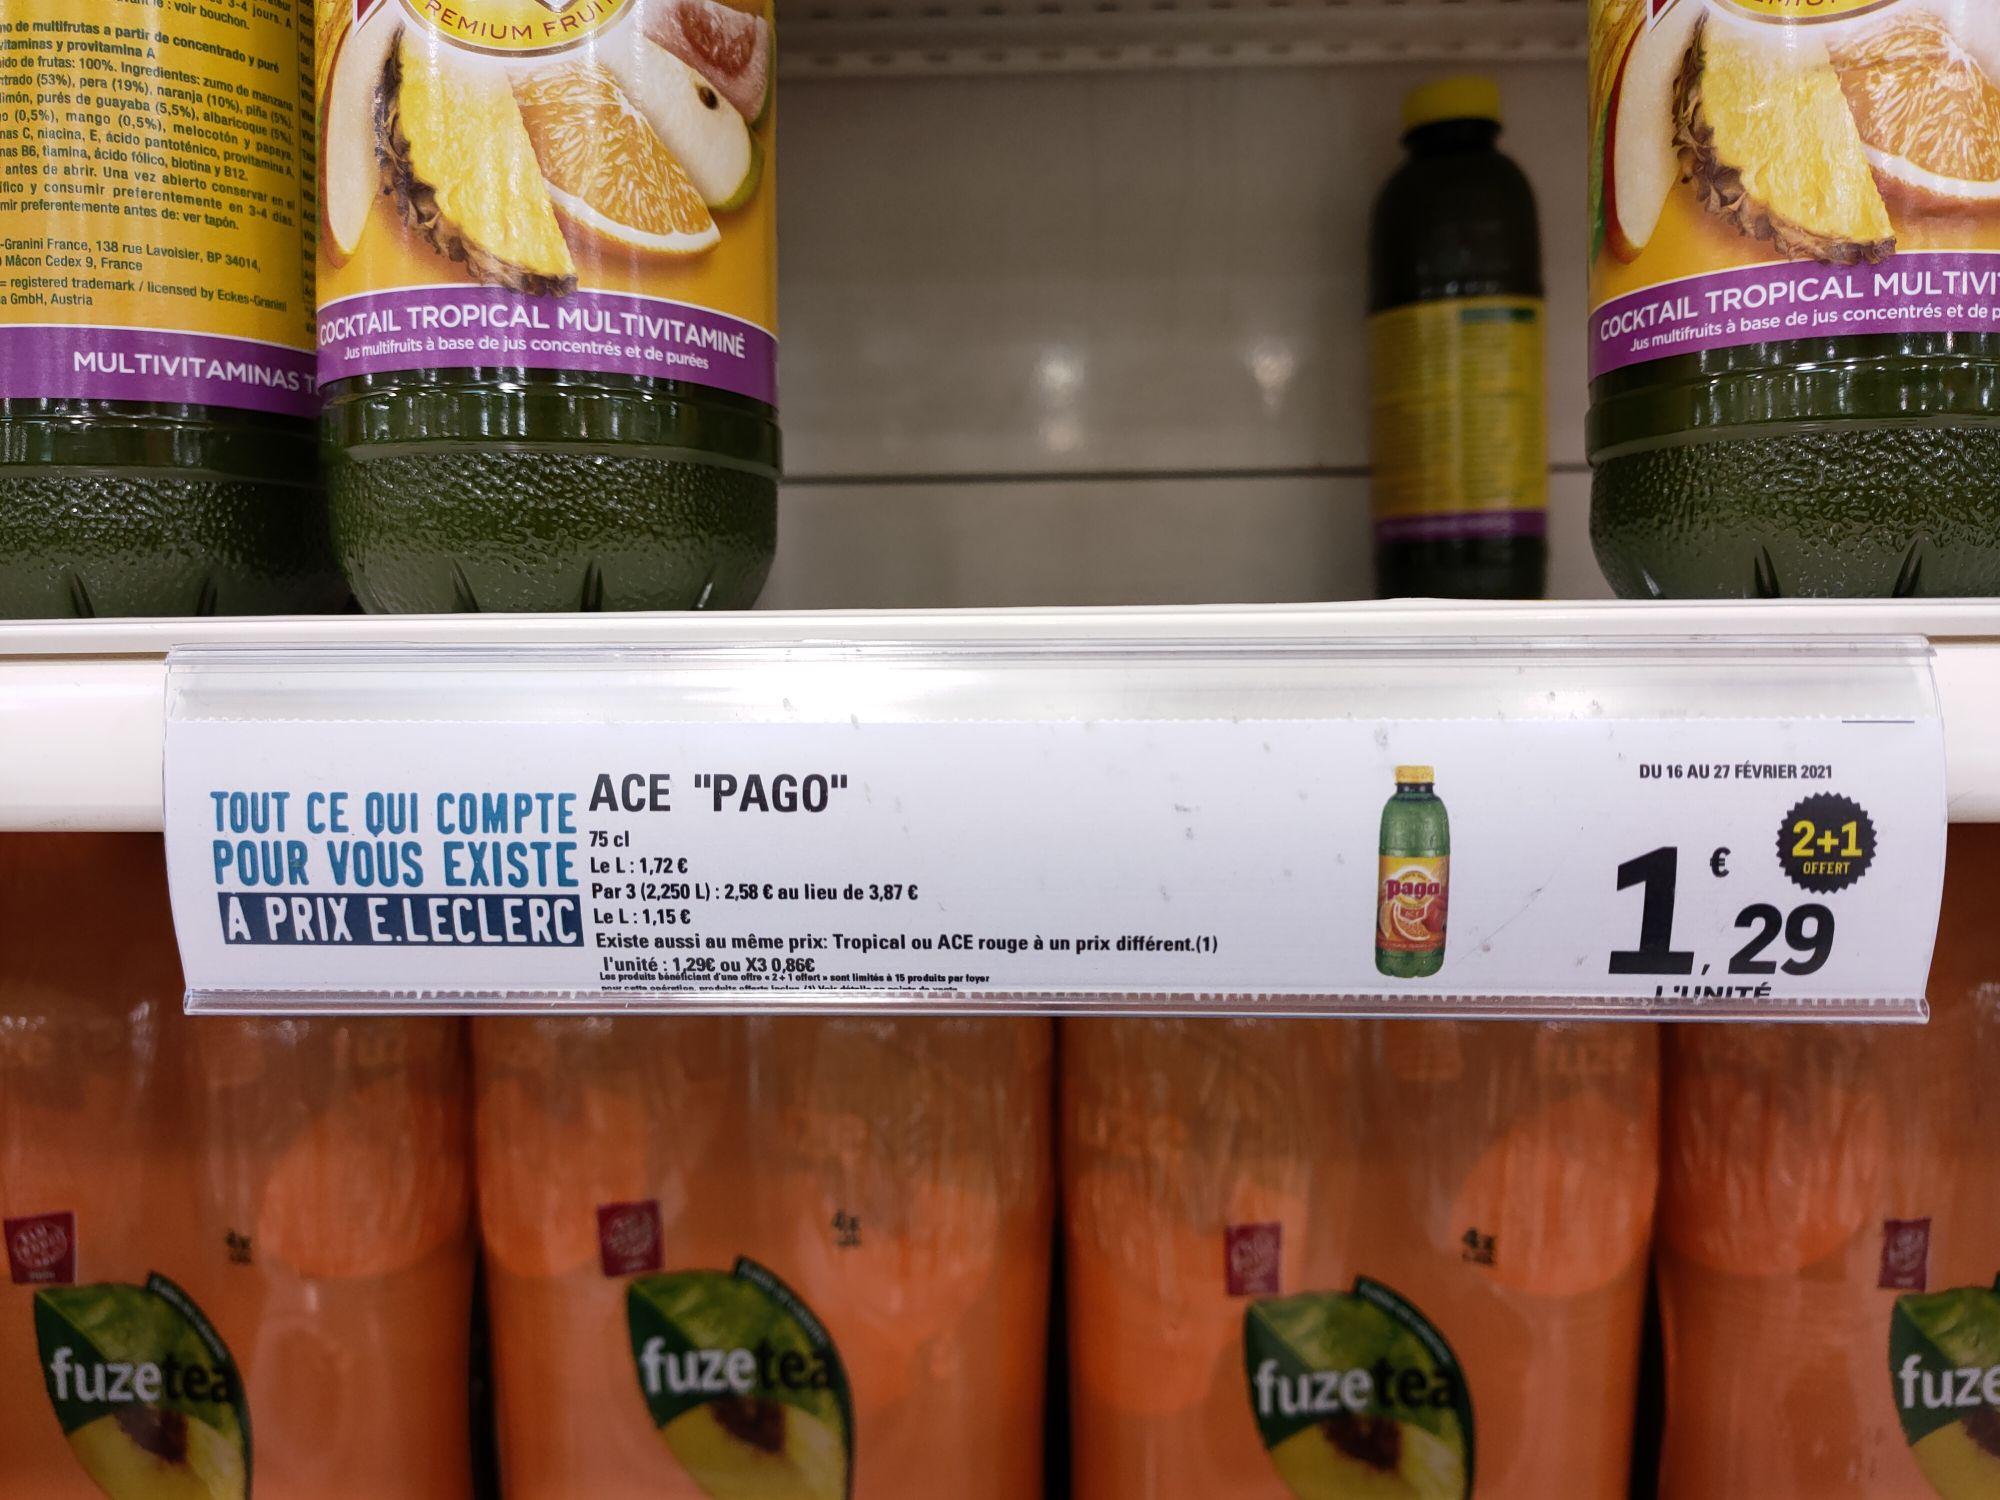 Lot de 3 bouteilles Pago Ace (3 x 75 cl) - Vienne (38)